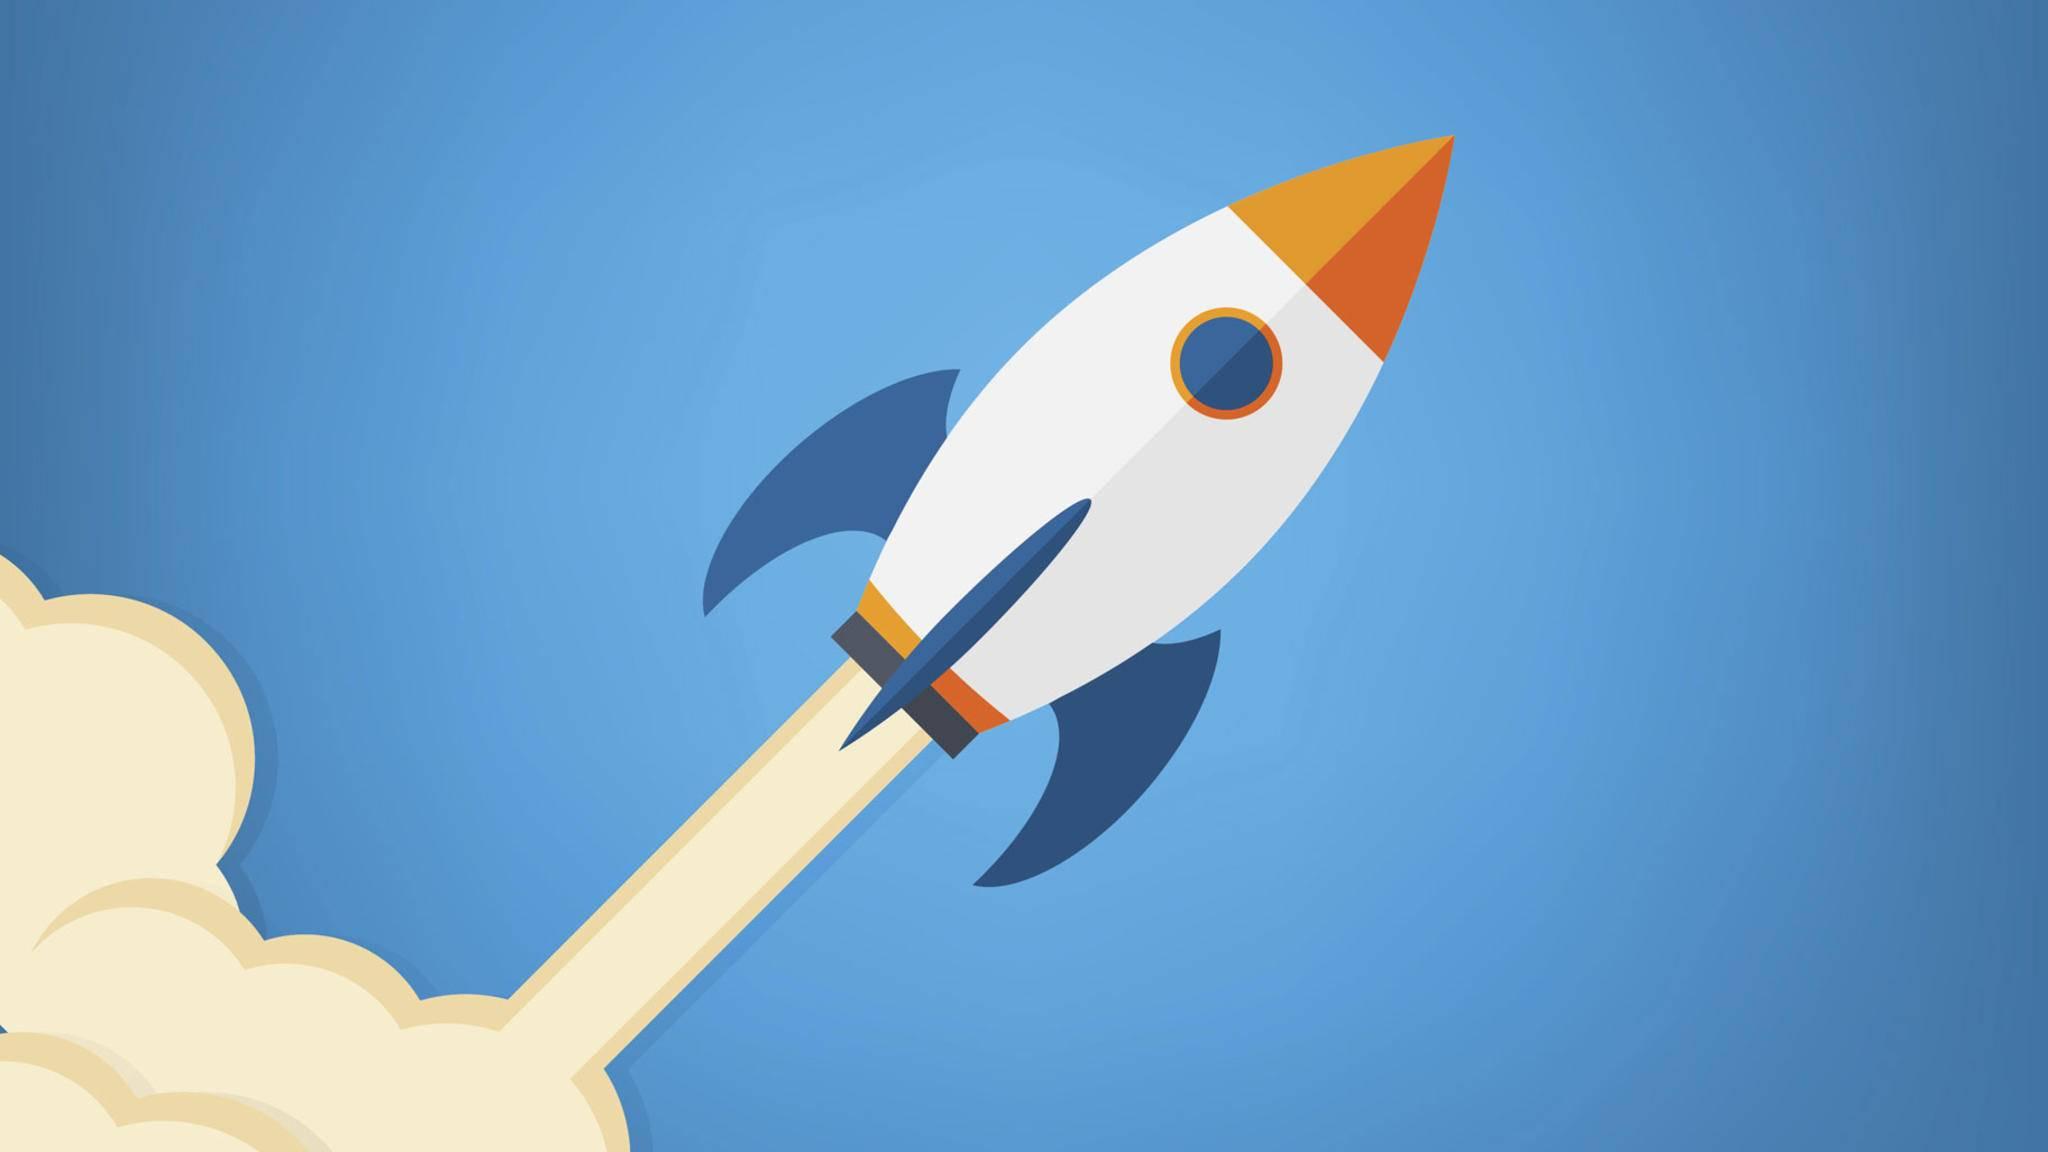 Wir verraten, was hinter dem neuen Raketen-Symbol in der Facebook-App steckt.